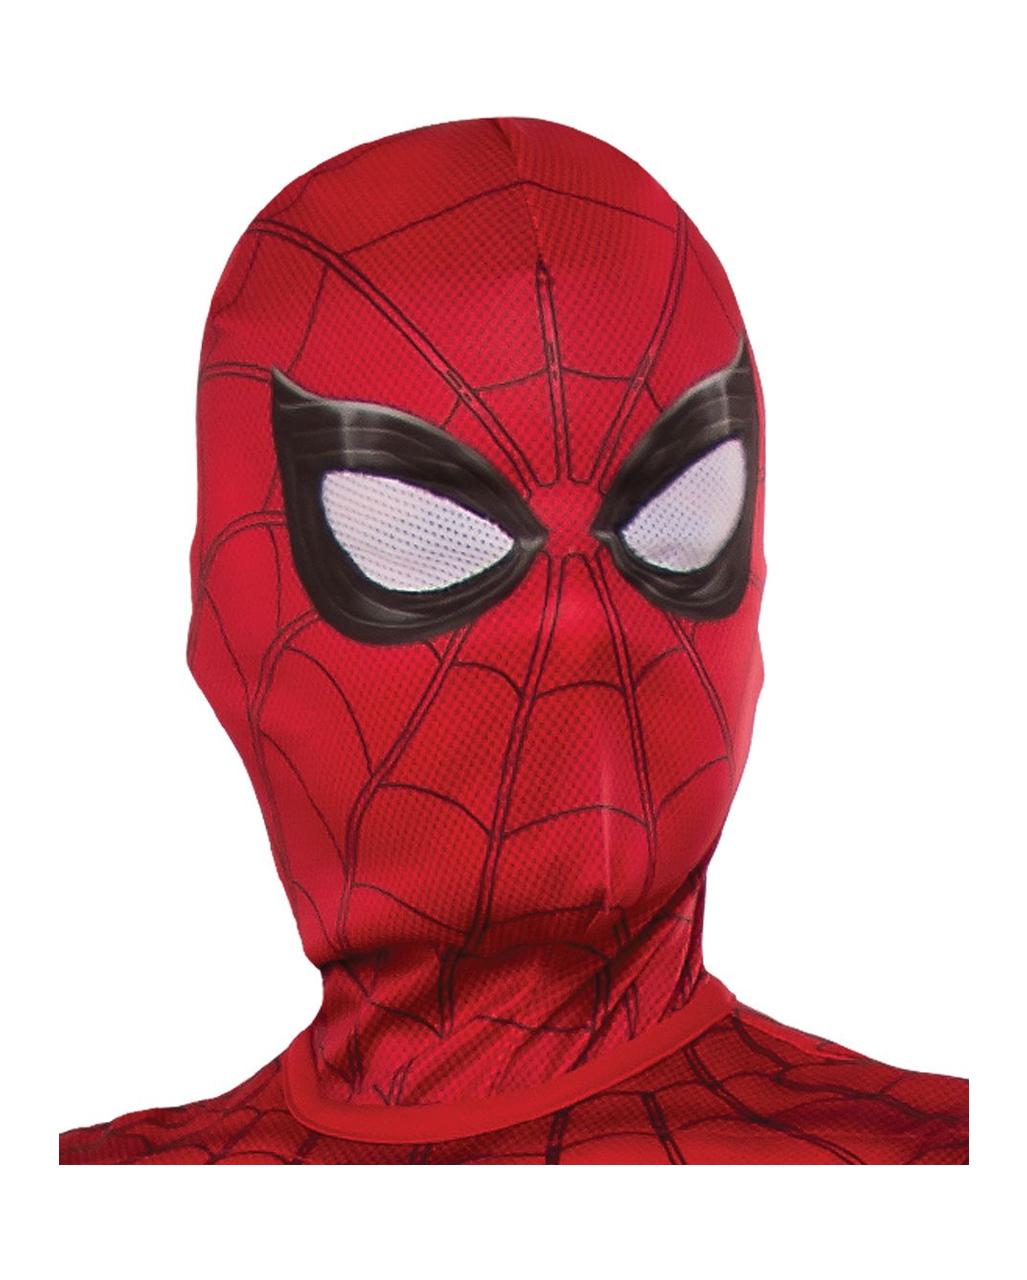 spiderman maske f r kinder f r fasching karneval universe. Black Bedroom Furniture Sets. Home Design Ideas